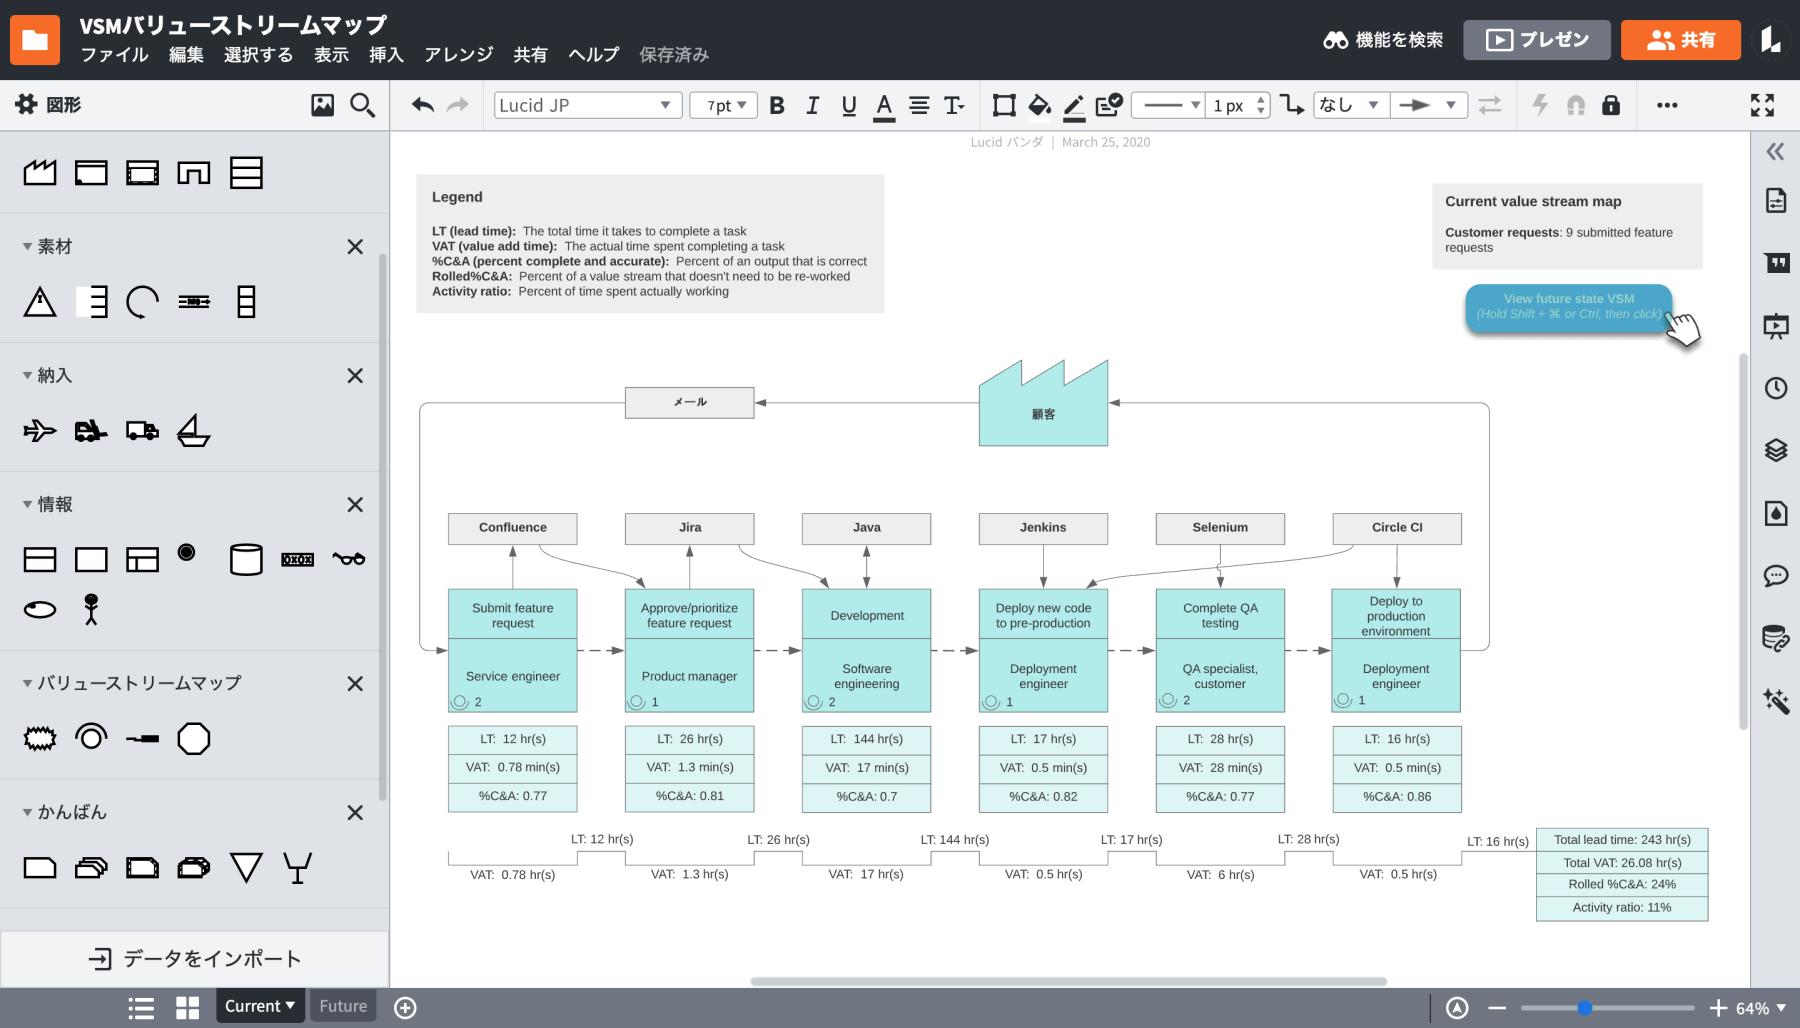 VSM(バリューストリームマッピング)ソフトウェアで製品開発プロセスの改善